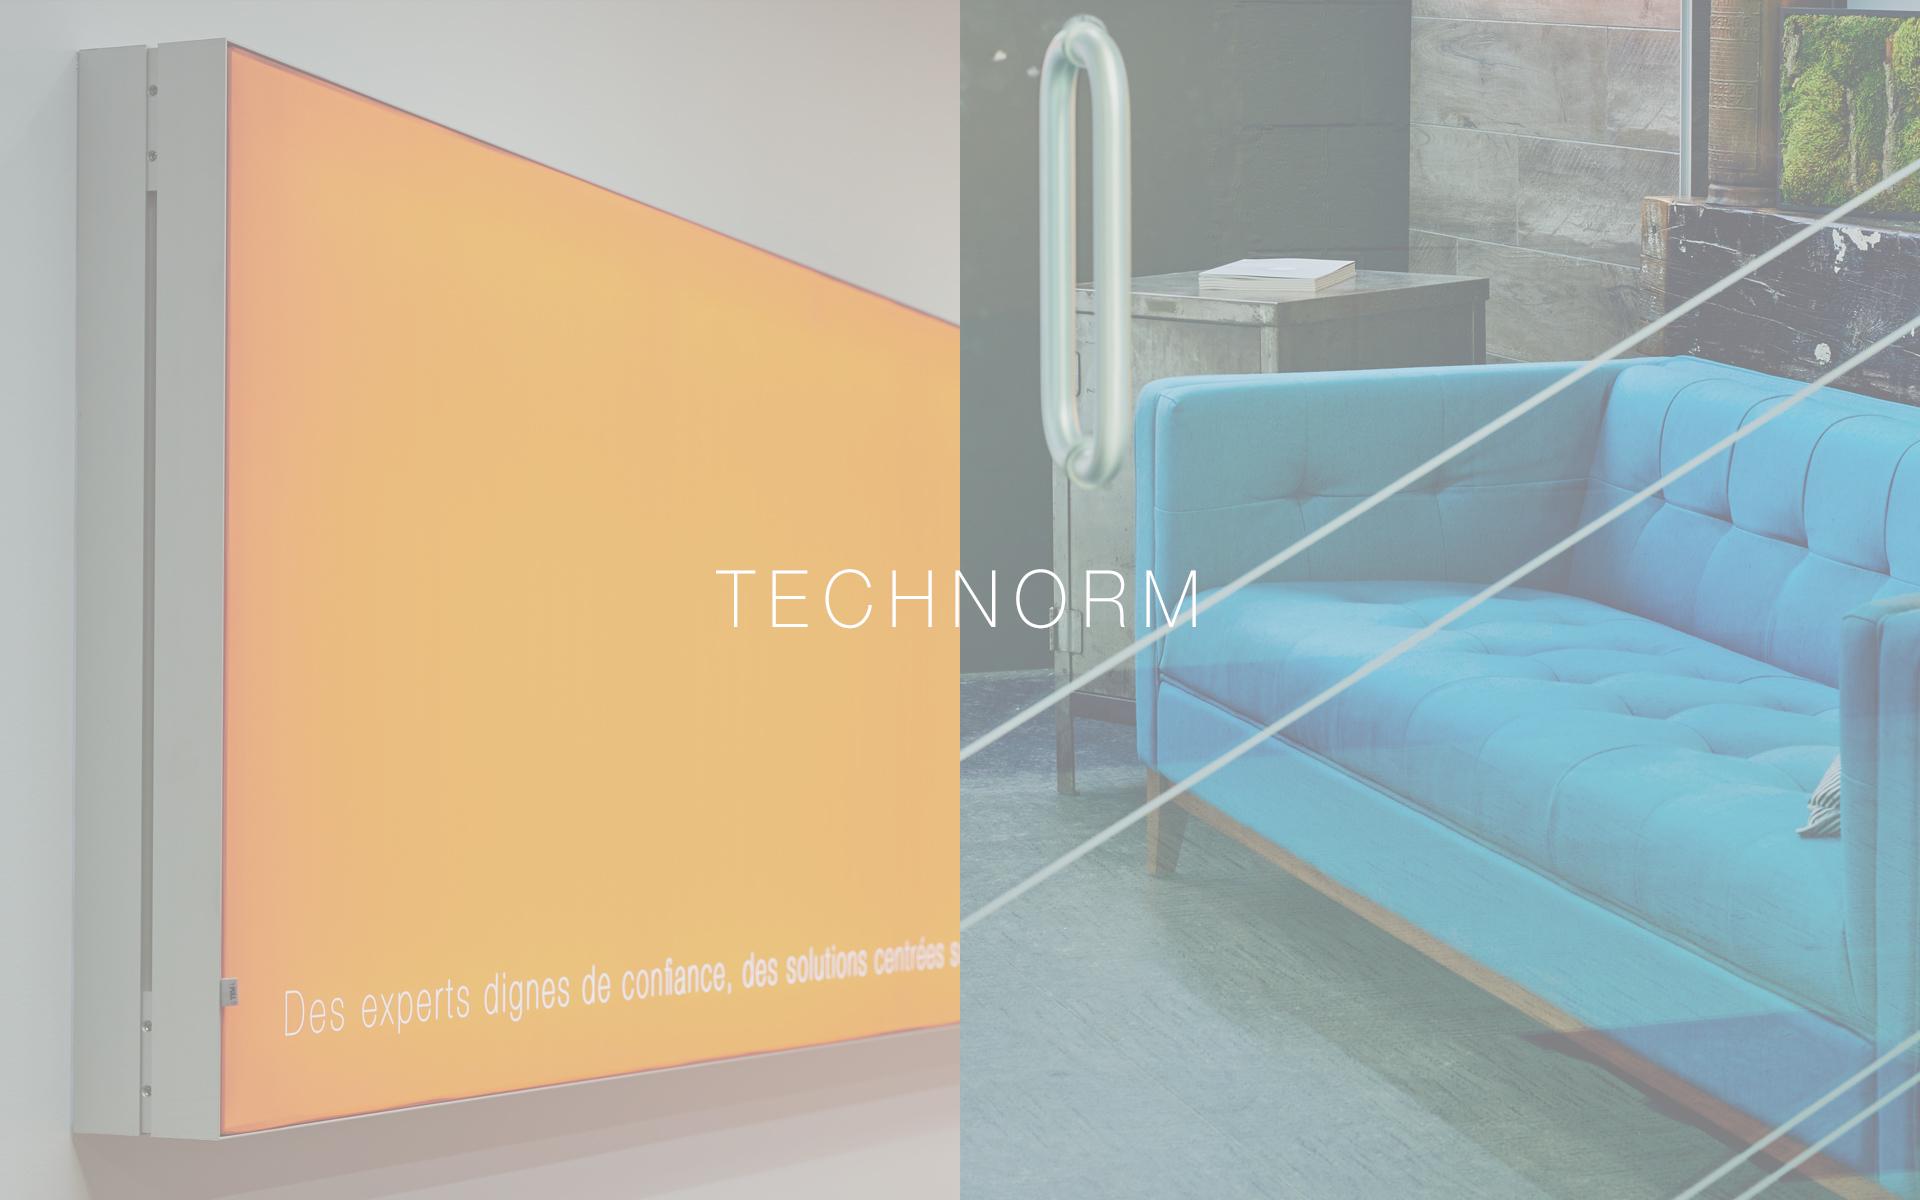 Nouveausite-01-technorm-3.jpg